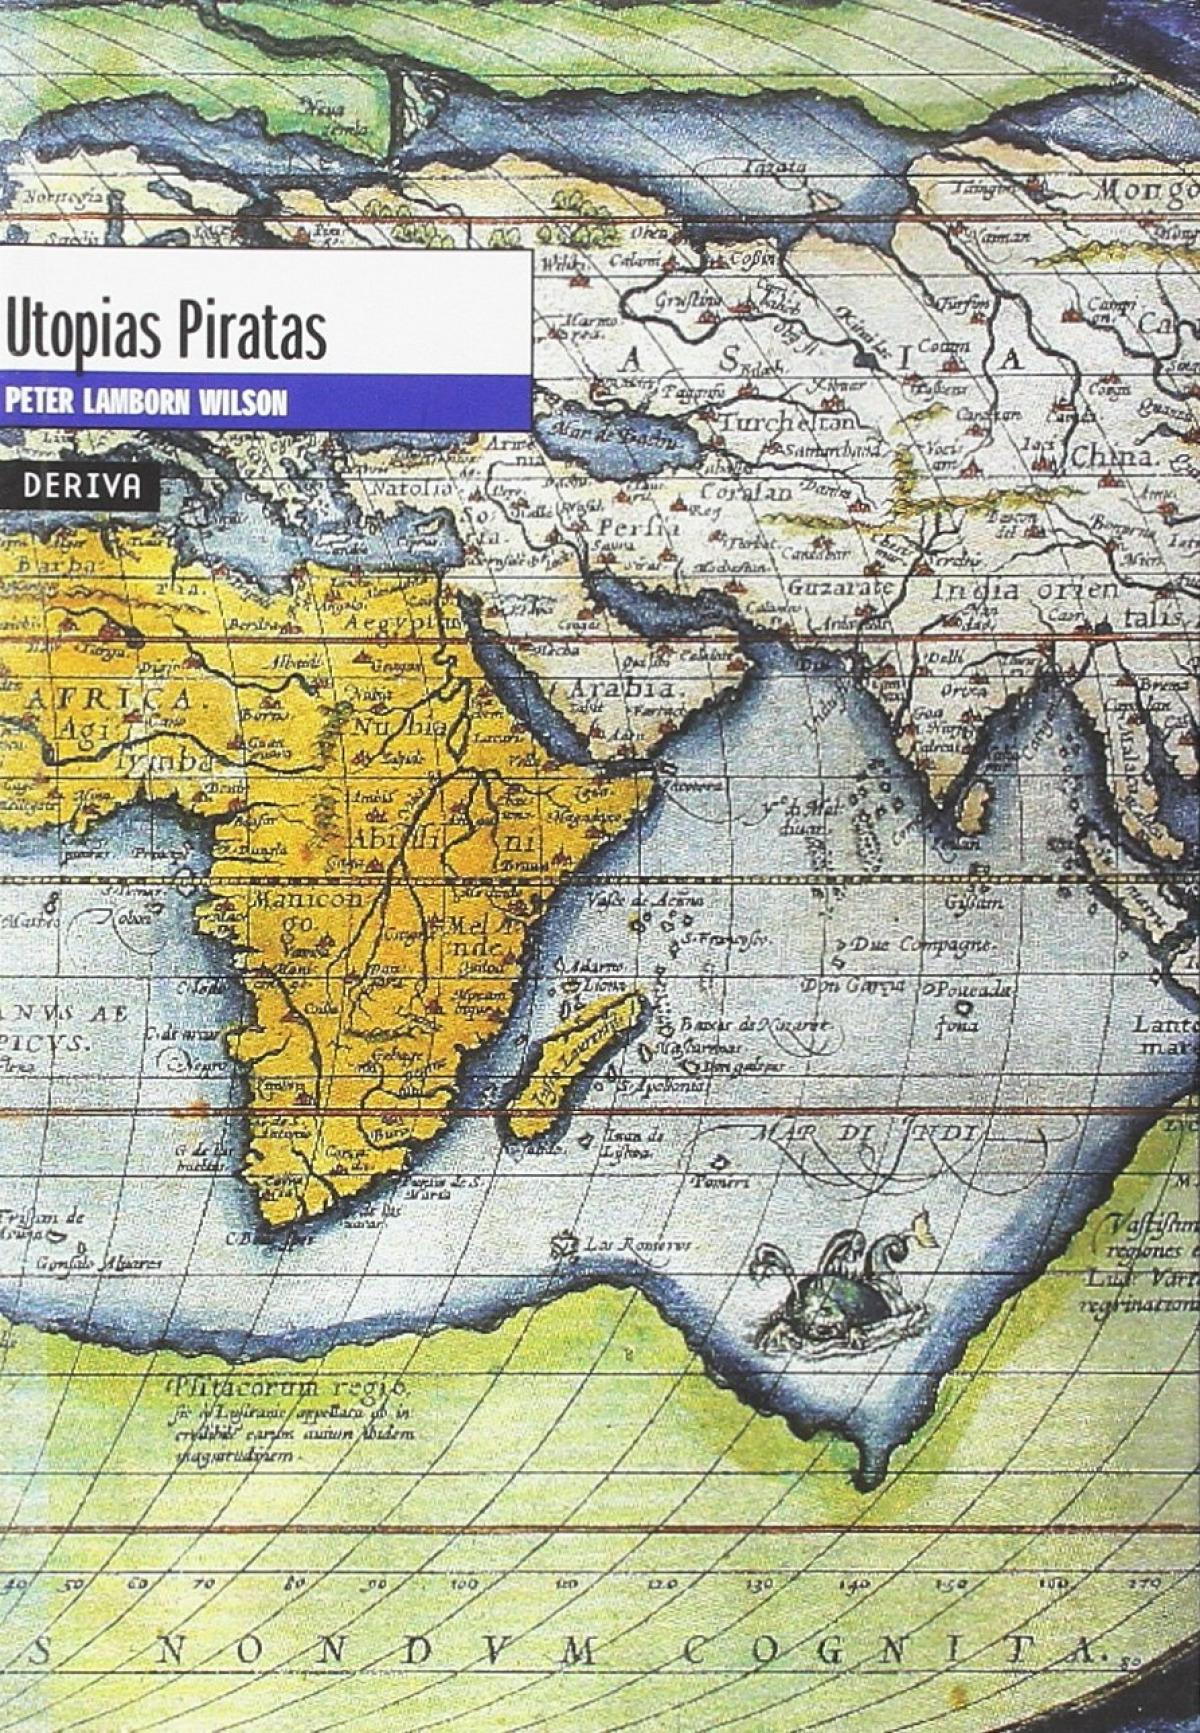 UTOPIAS PIRATAS